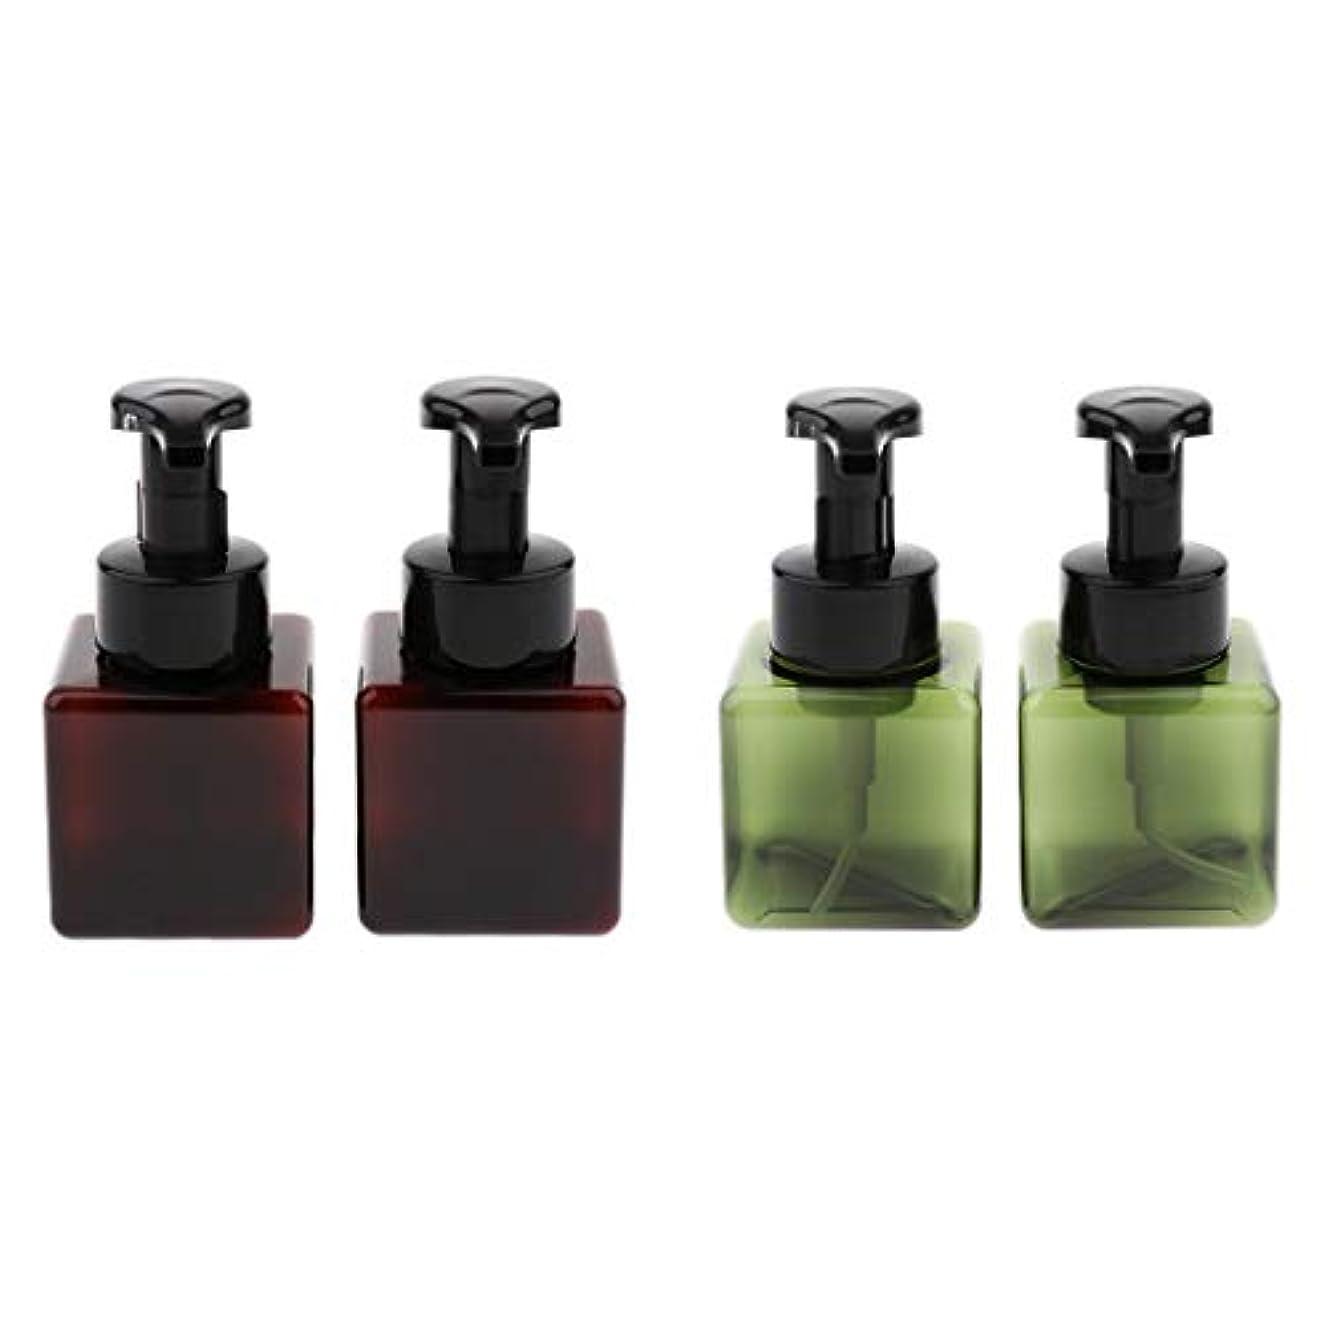 オンス閉じる降臨B Blesiya 全5色 4個 250ml 泡ポンプボトル 空ボトル 詰替ボトル 小分けボトル ディスペンサー 多用途 - ダークグリーン+ブラウン